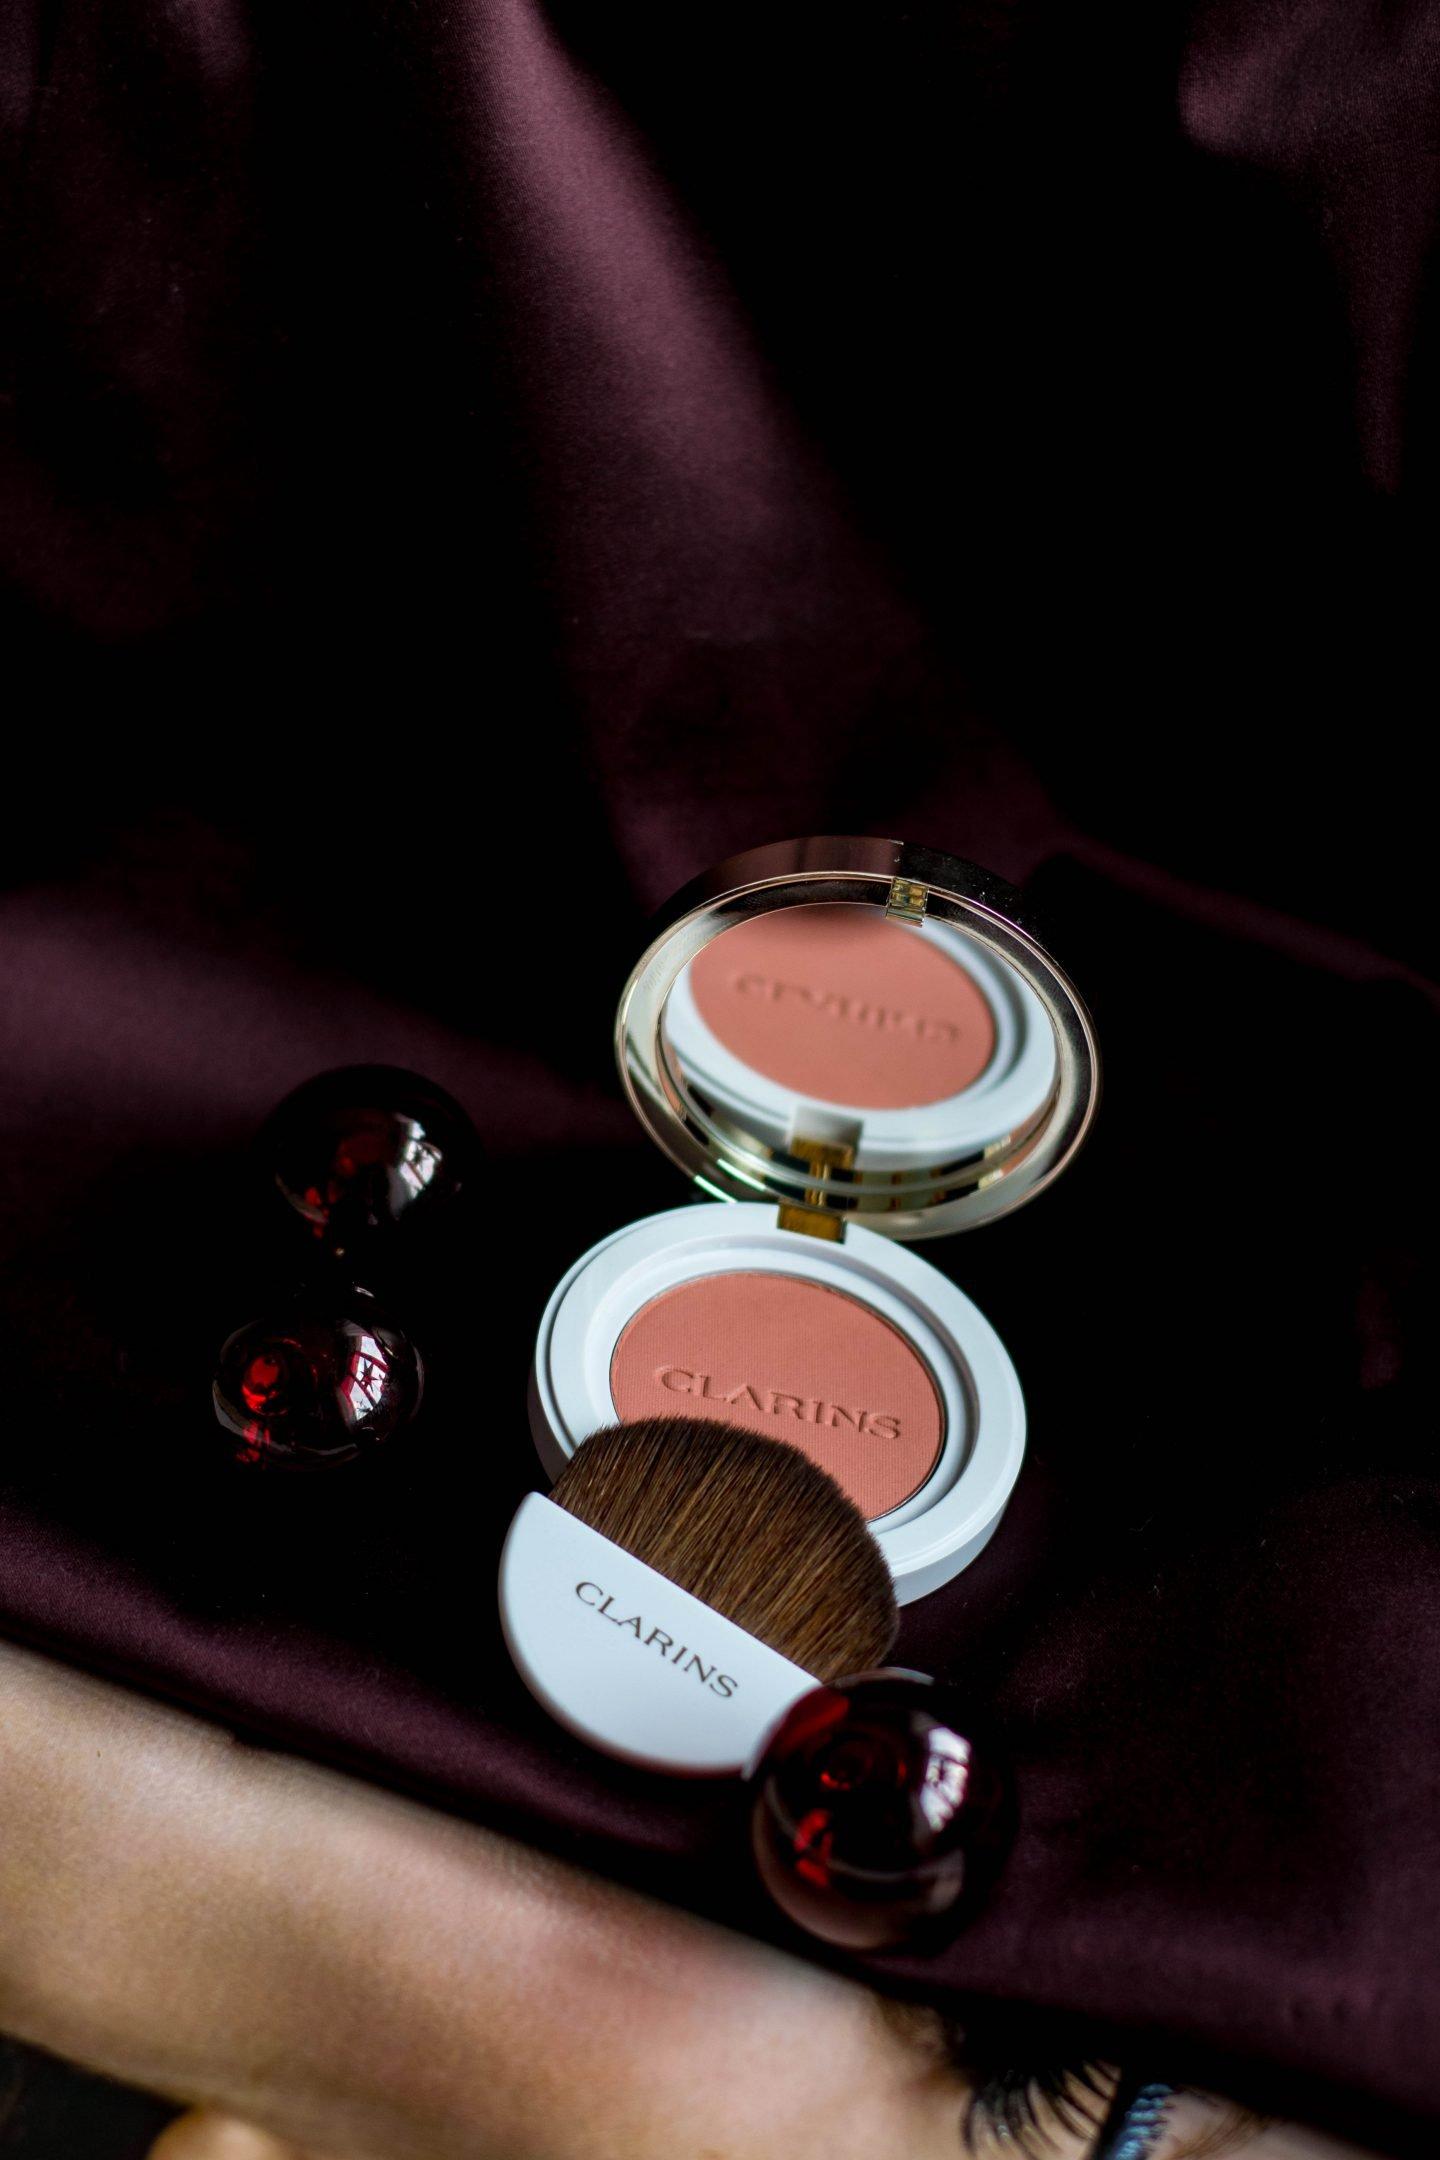 Joli Blush, Wangen, Clarins, Coral, natürliche Wangenfarbe, leichter Glow, frisches Aussehen, Haltbarkeit, natürliches Make-up, get ready in 5 minutes, get your glow, drei Produkte für schnellen Glamour